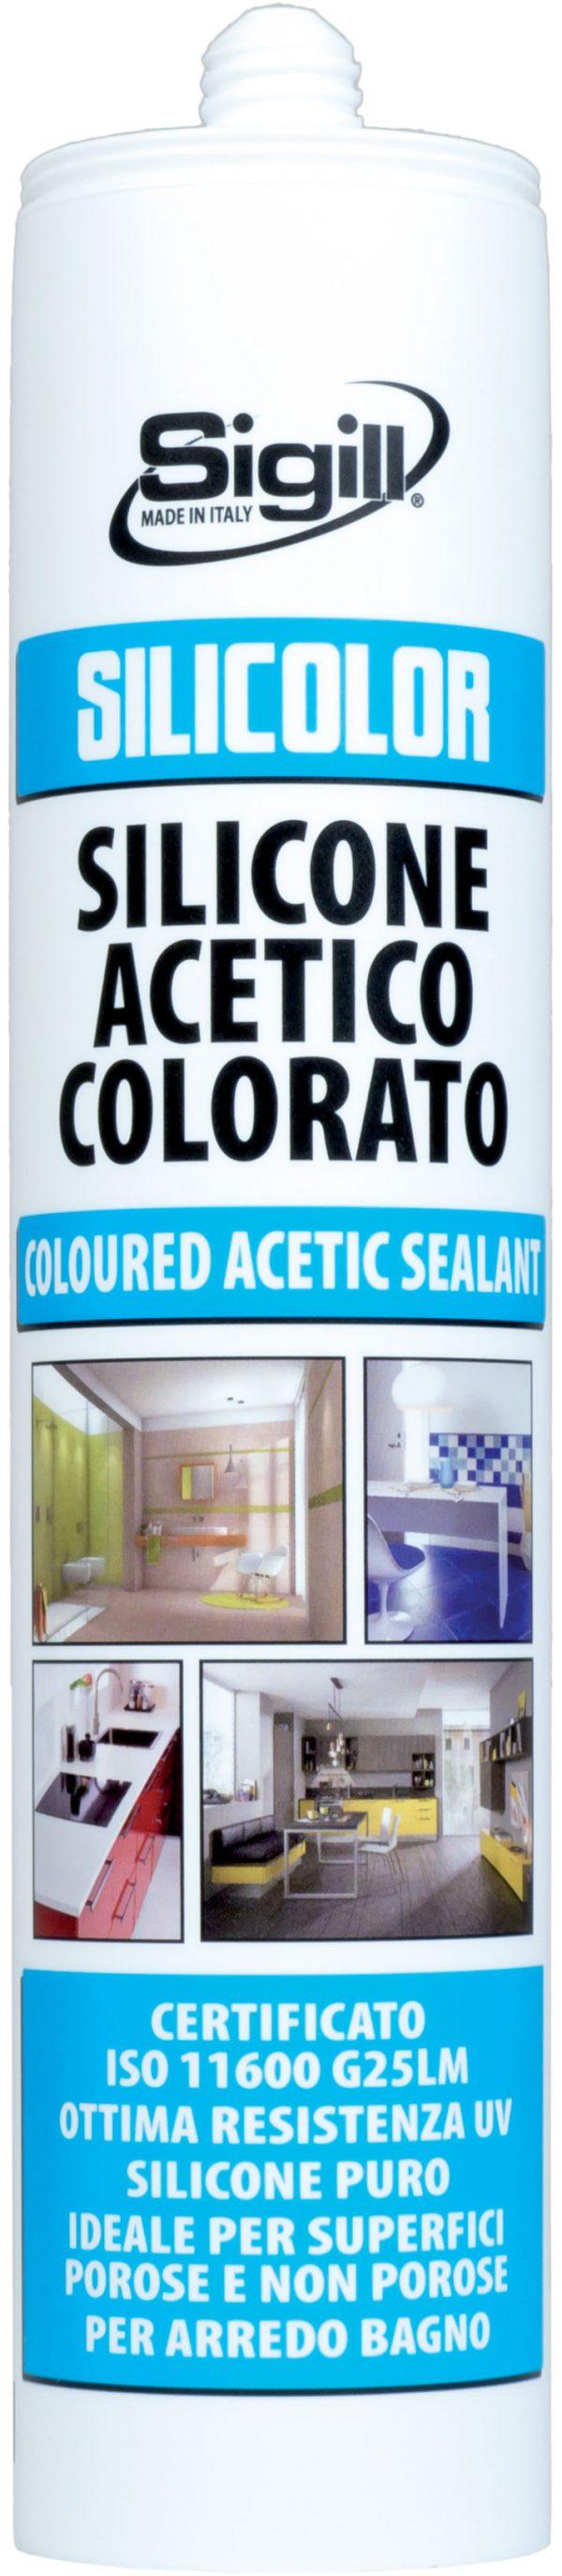 silicone acetico colorato